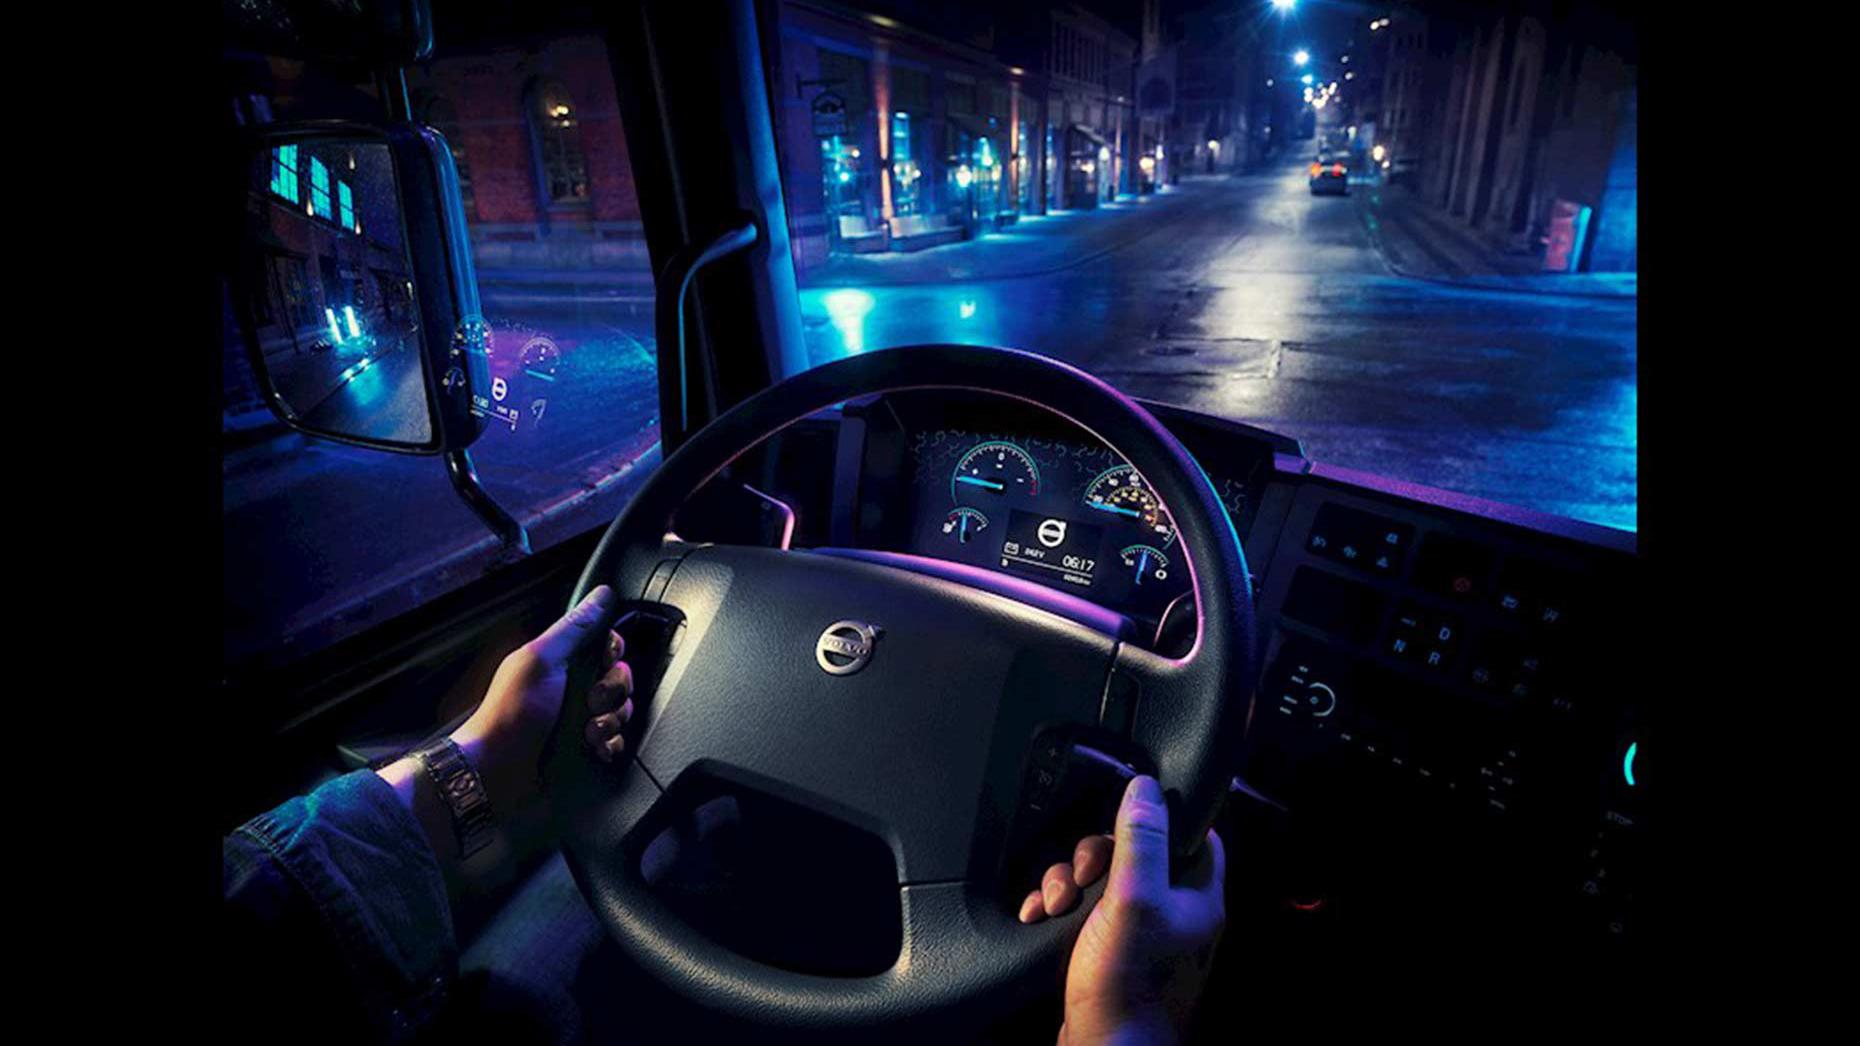 Vreți să faceți trecerea către camioane electrice pentru transport urban?